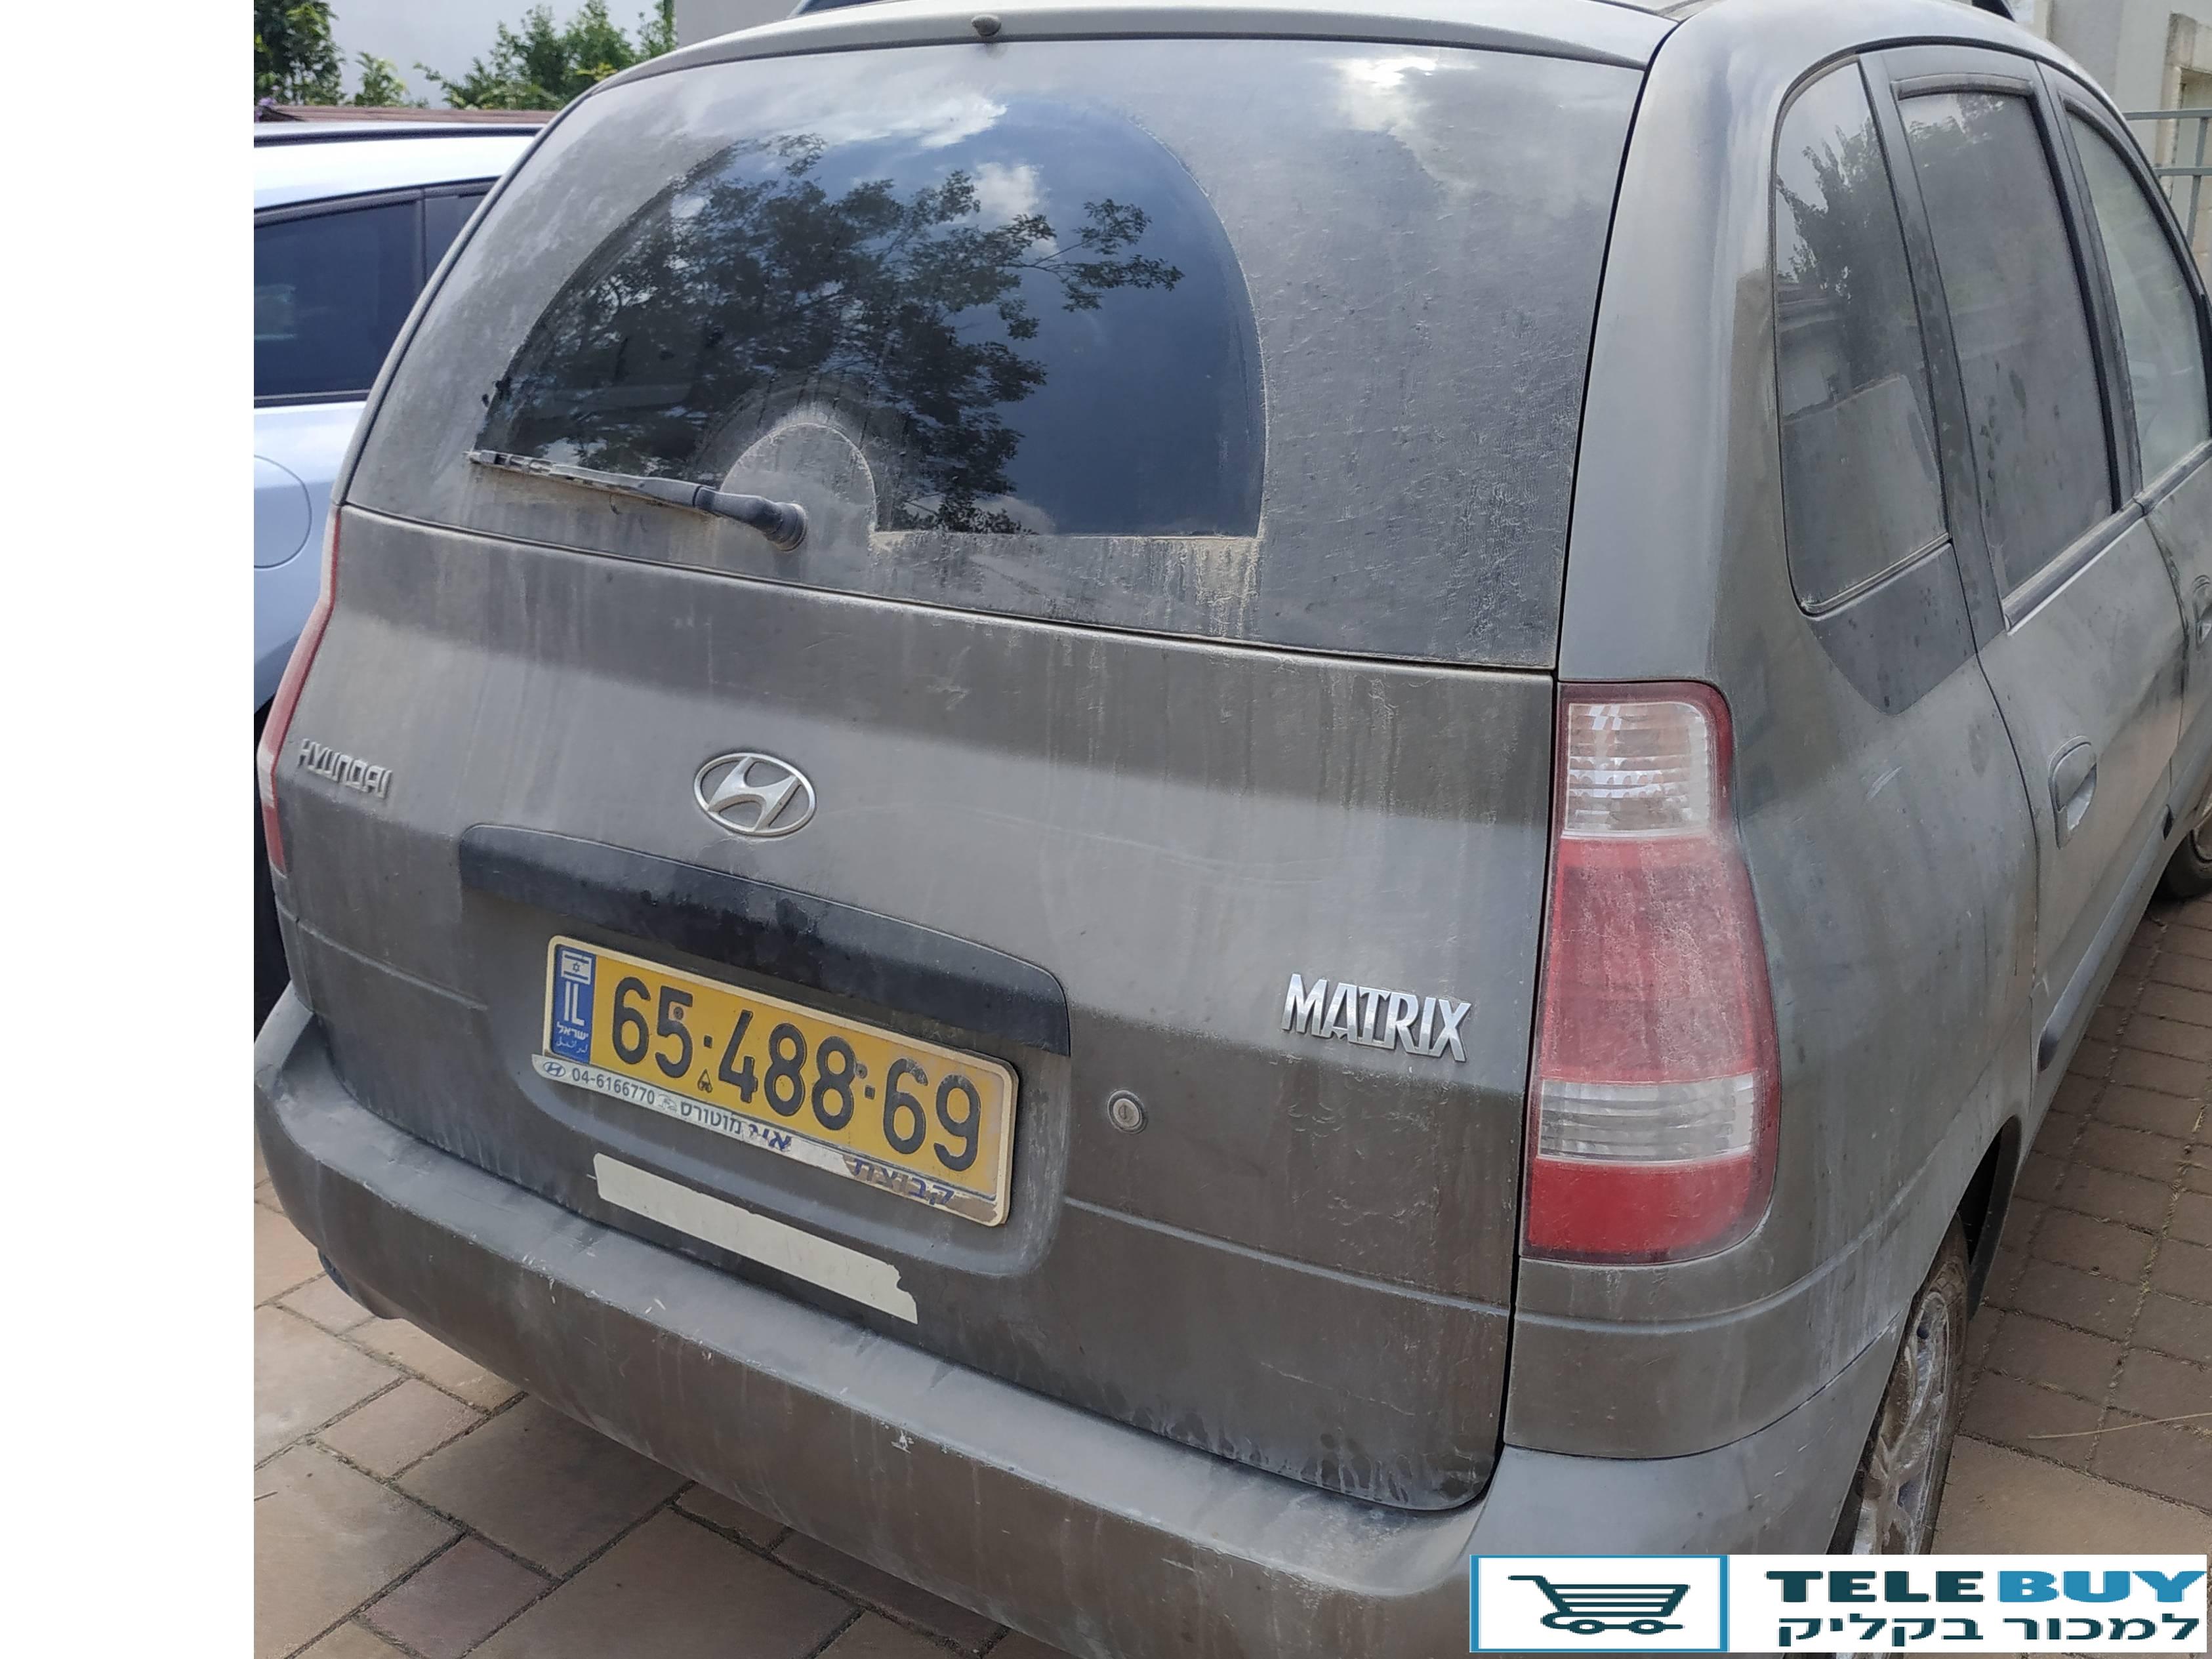 רכב פרטי יונדאי מטריקס  בעמק יזרעאל